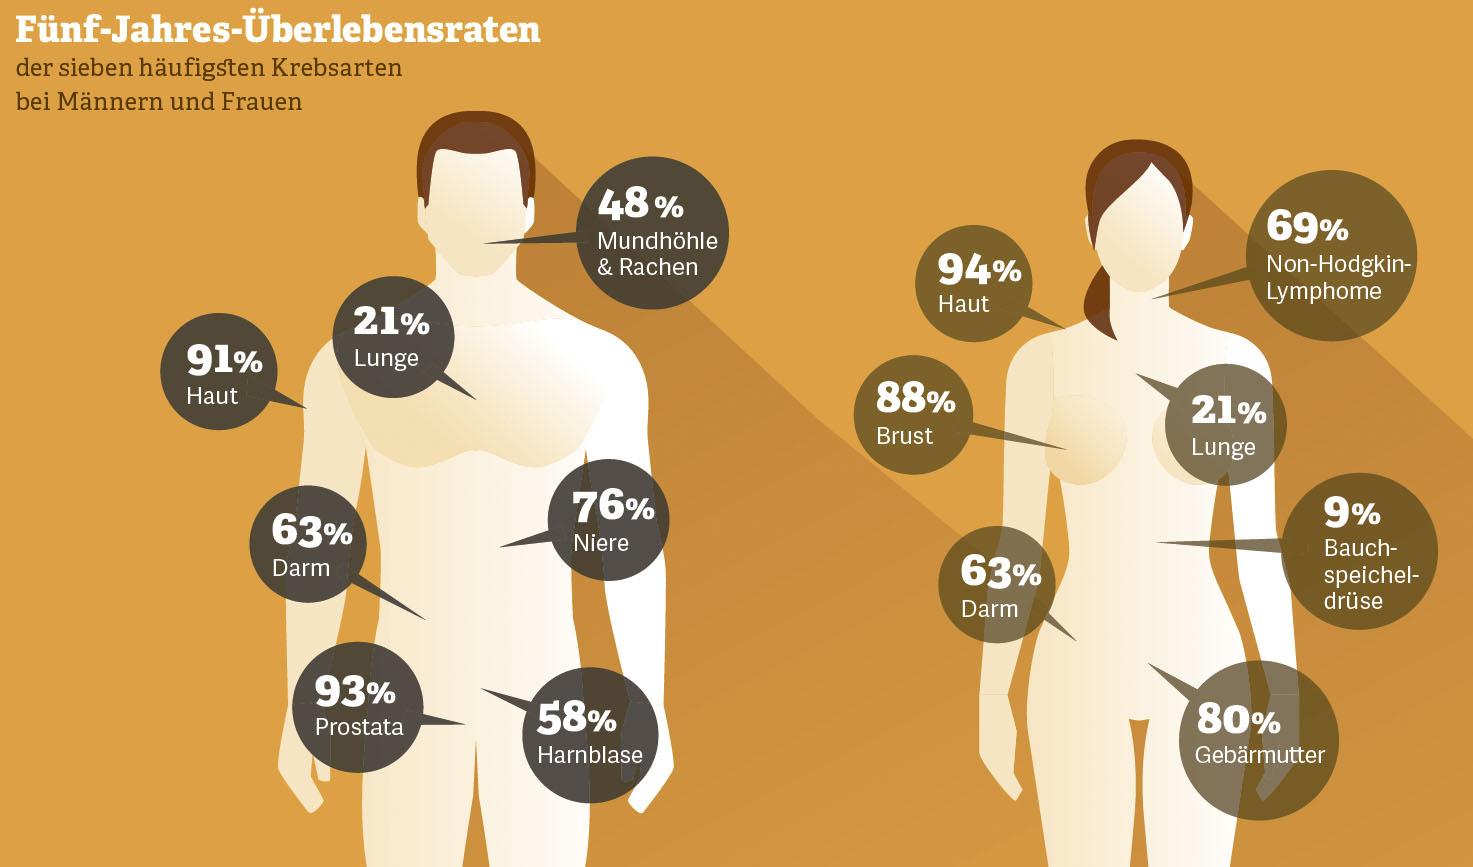 Grafik: Fünf-Jahres-Überlebensraten häufiger Krebsarten bei Mann und Frau